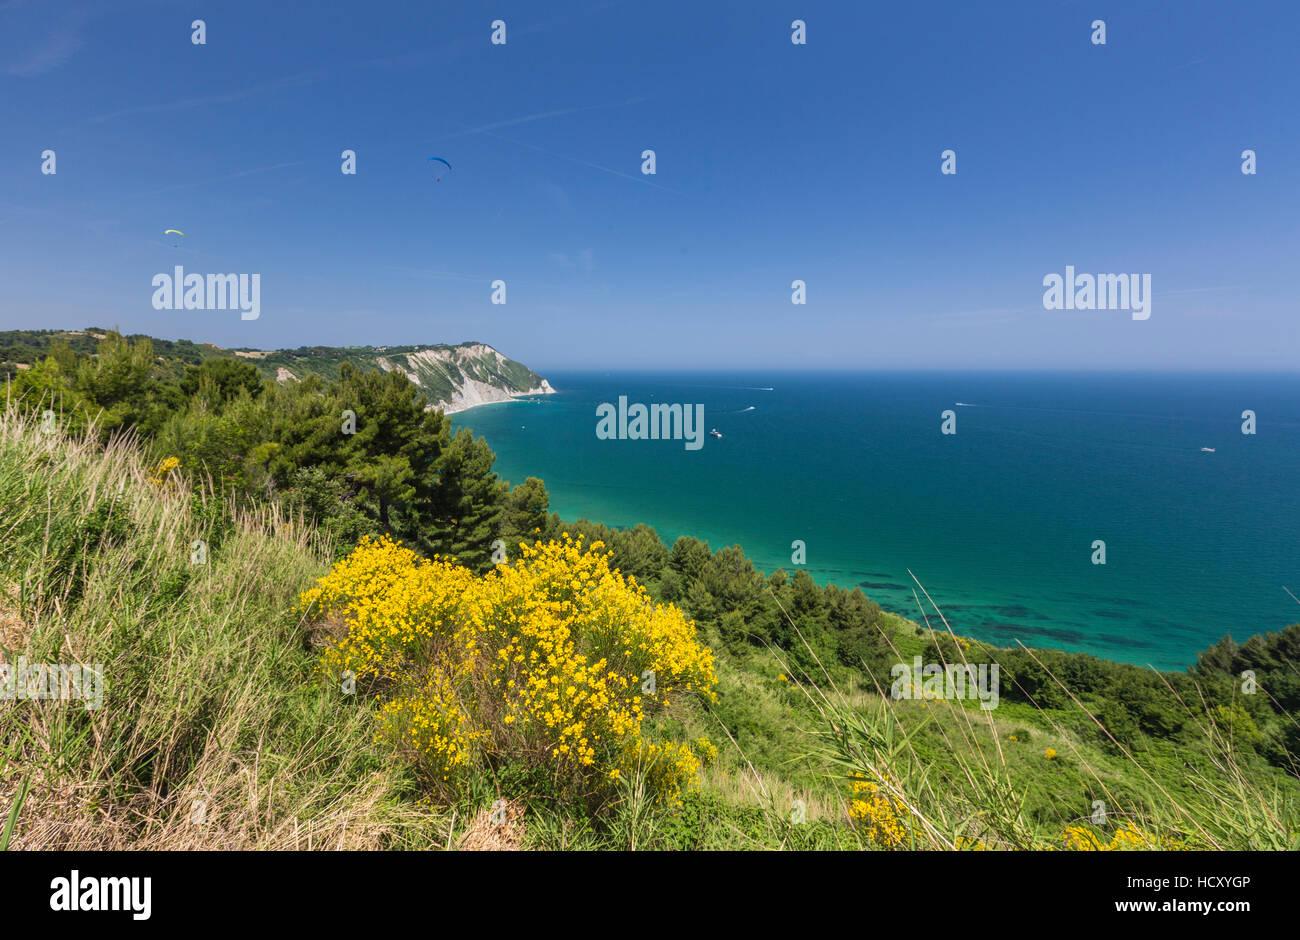 Fiori di colore giallo sul promontorio che si affaccia sul mare turchese, in provincia di Ancona, di Riviera del Immagini Stock